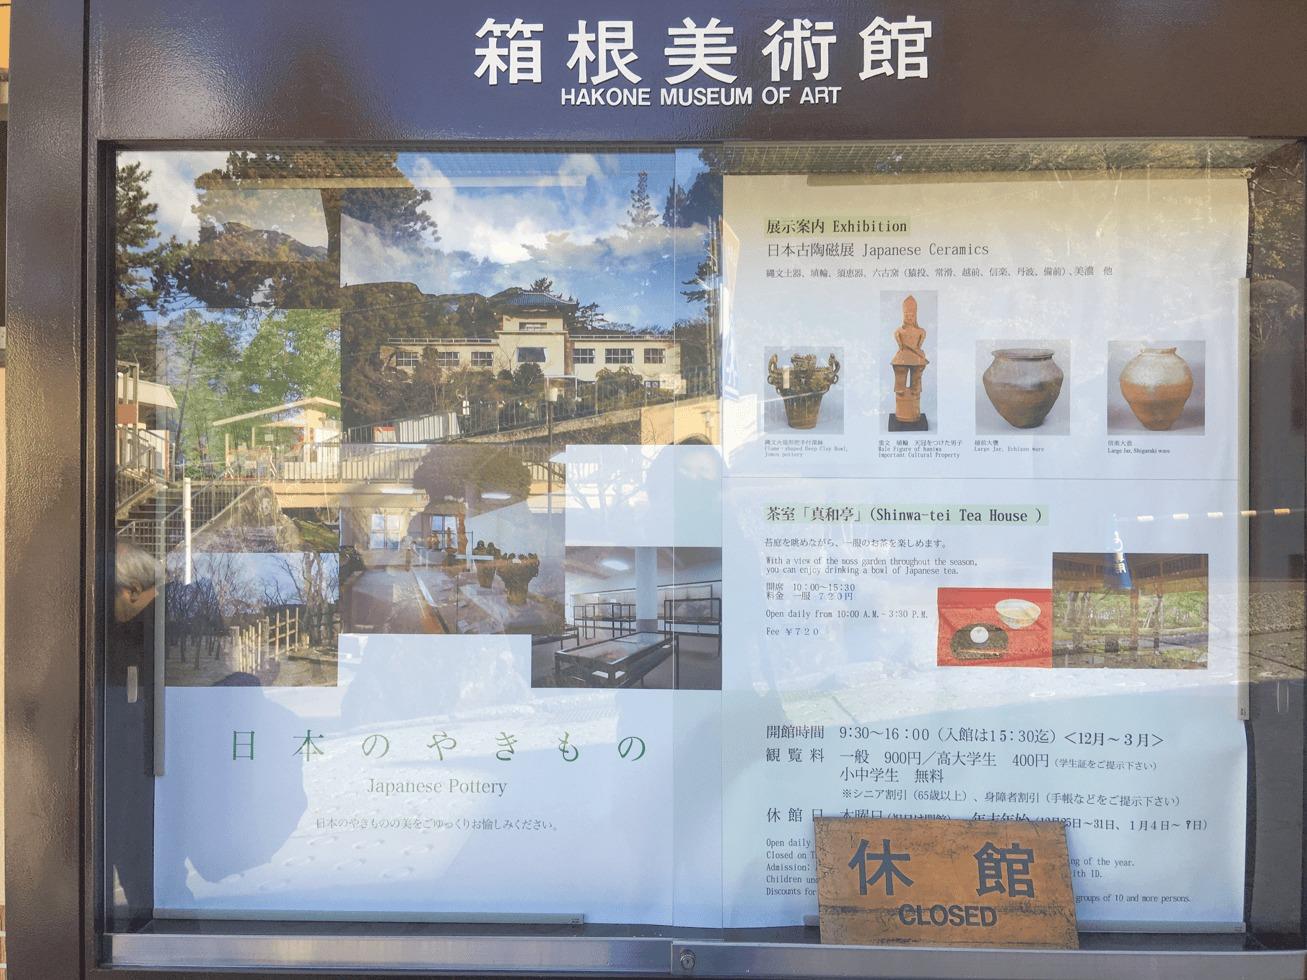 箱根美術館の入口の写真